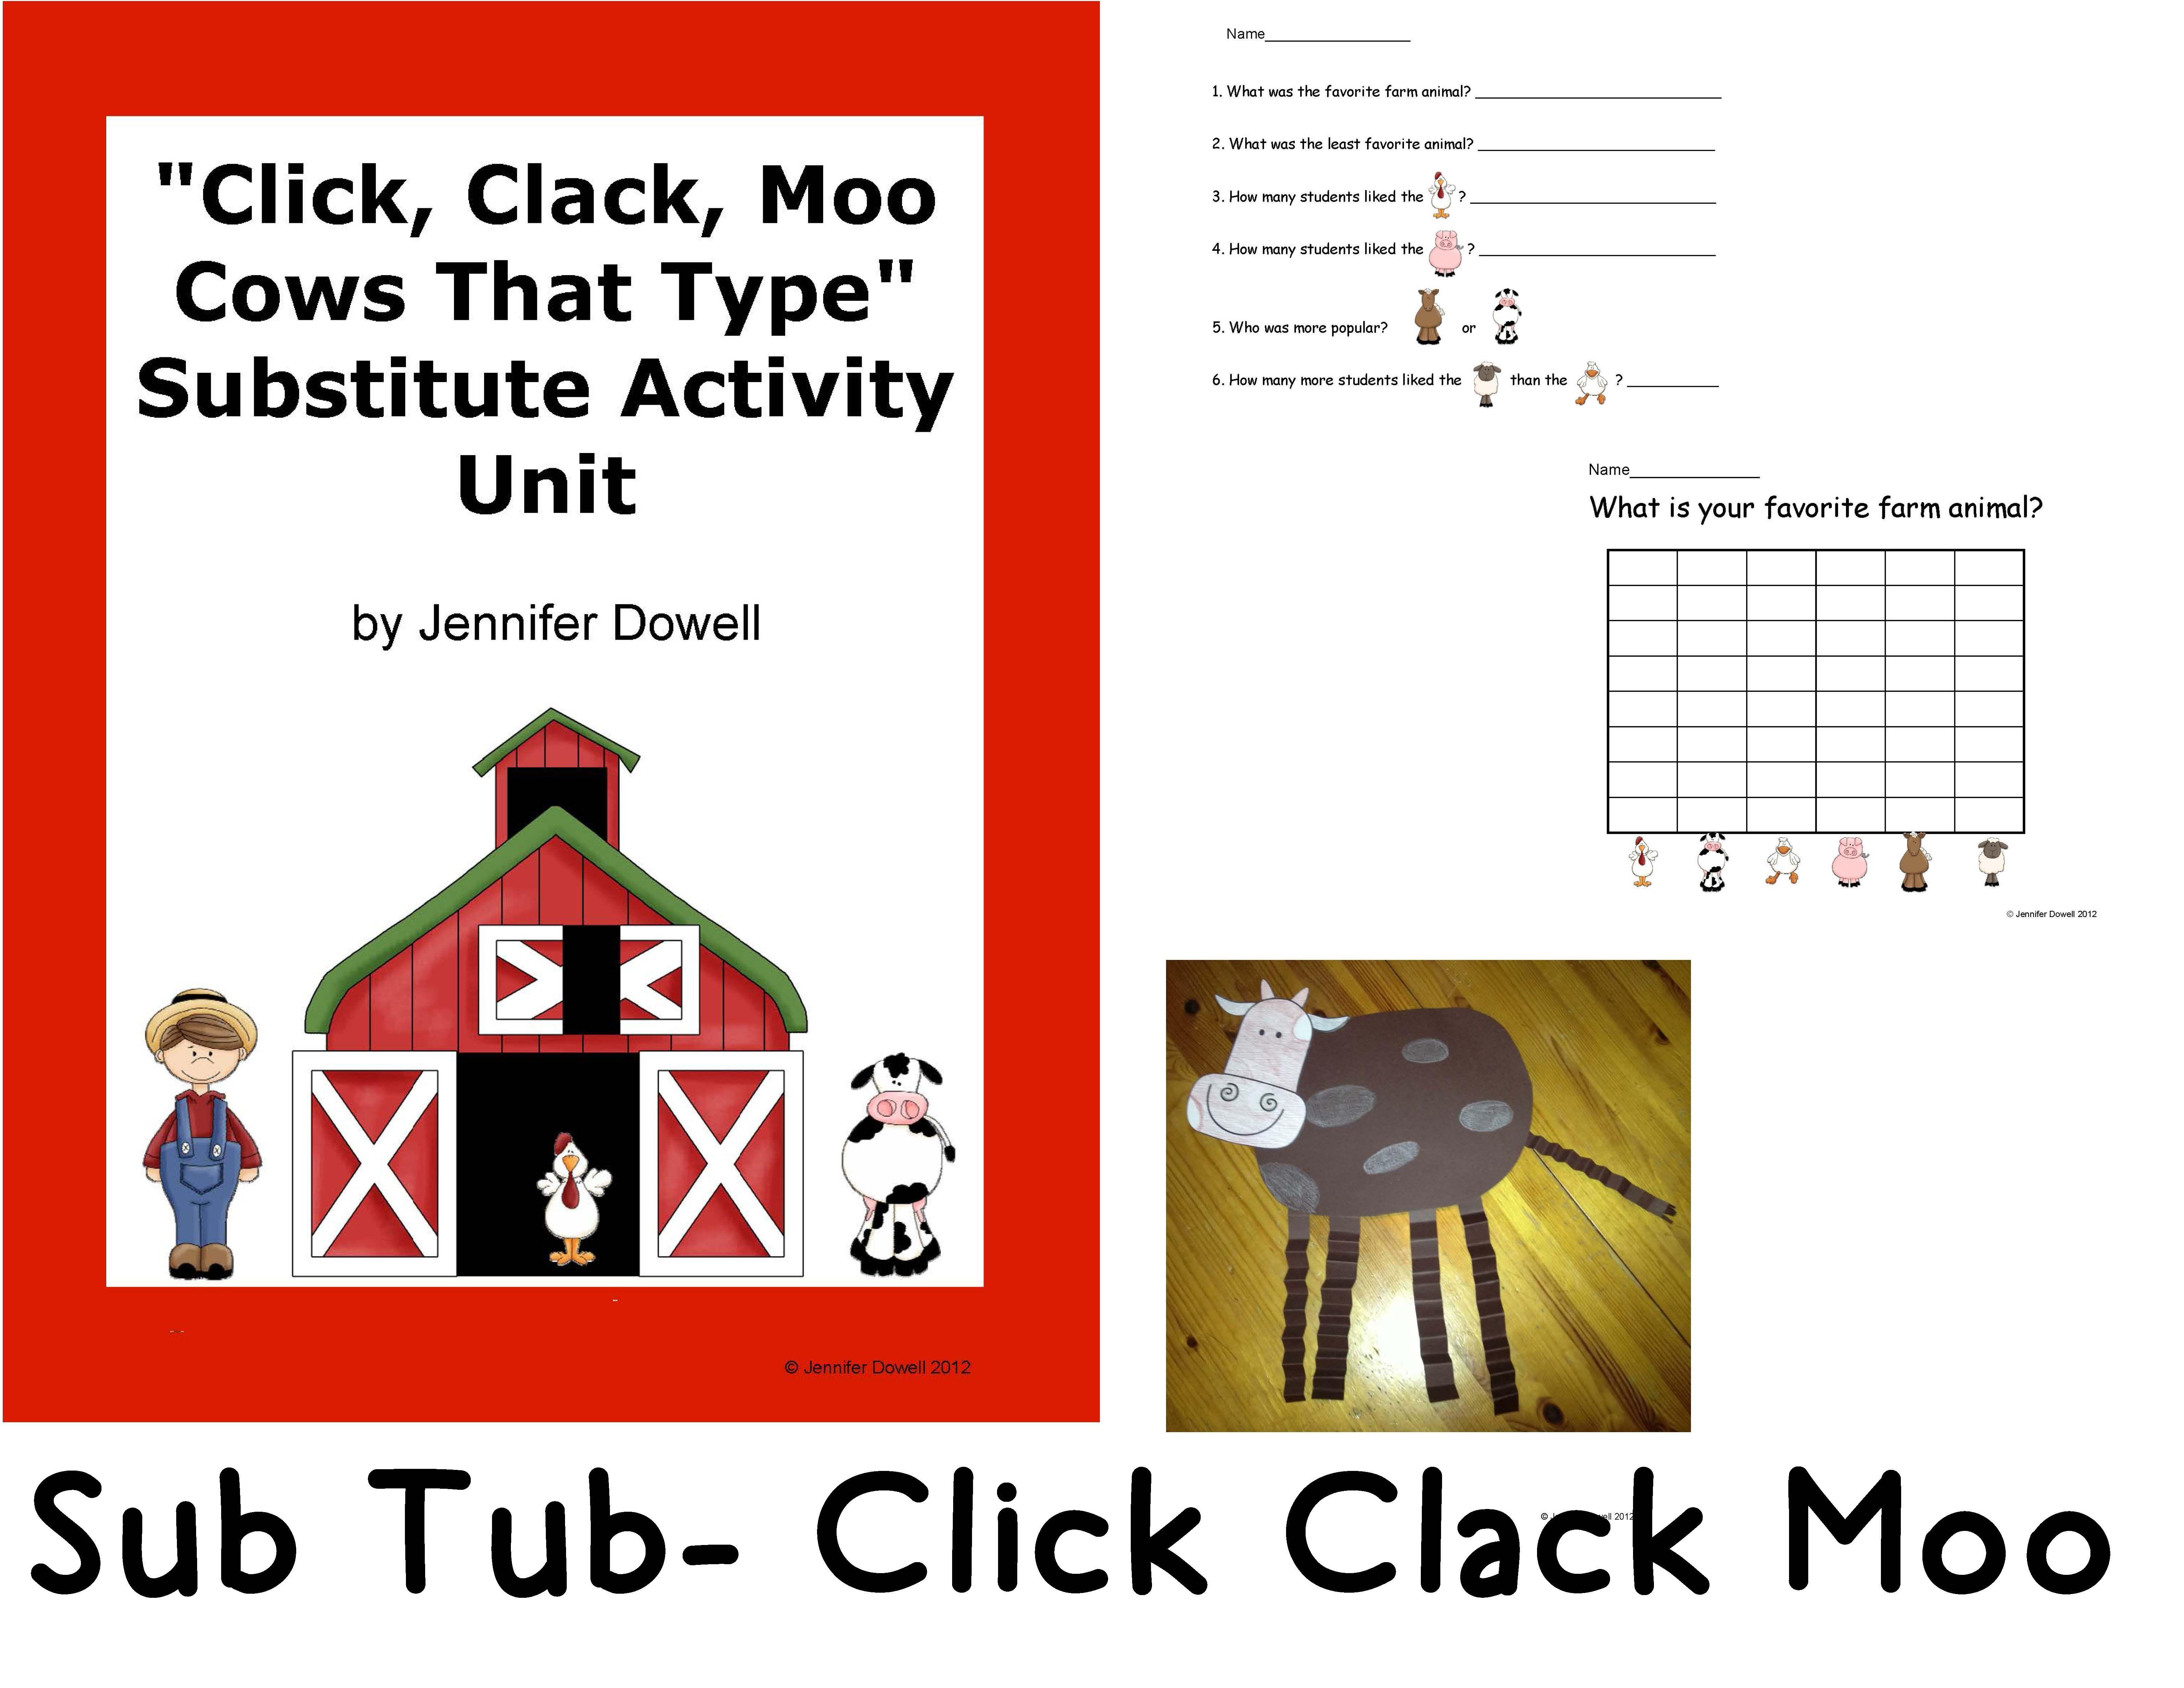 Sub Tub Click Clack Moo